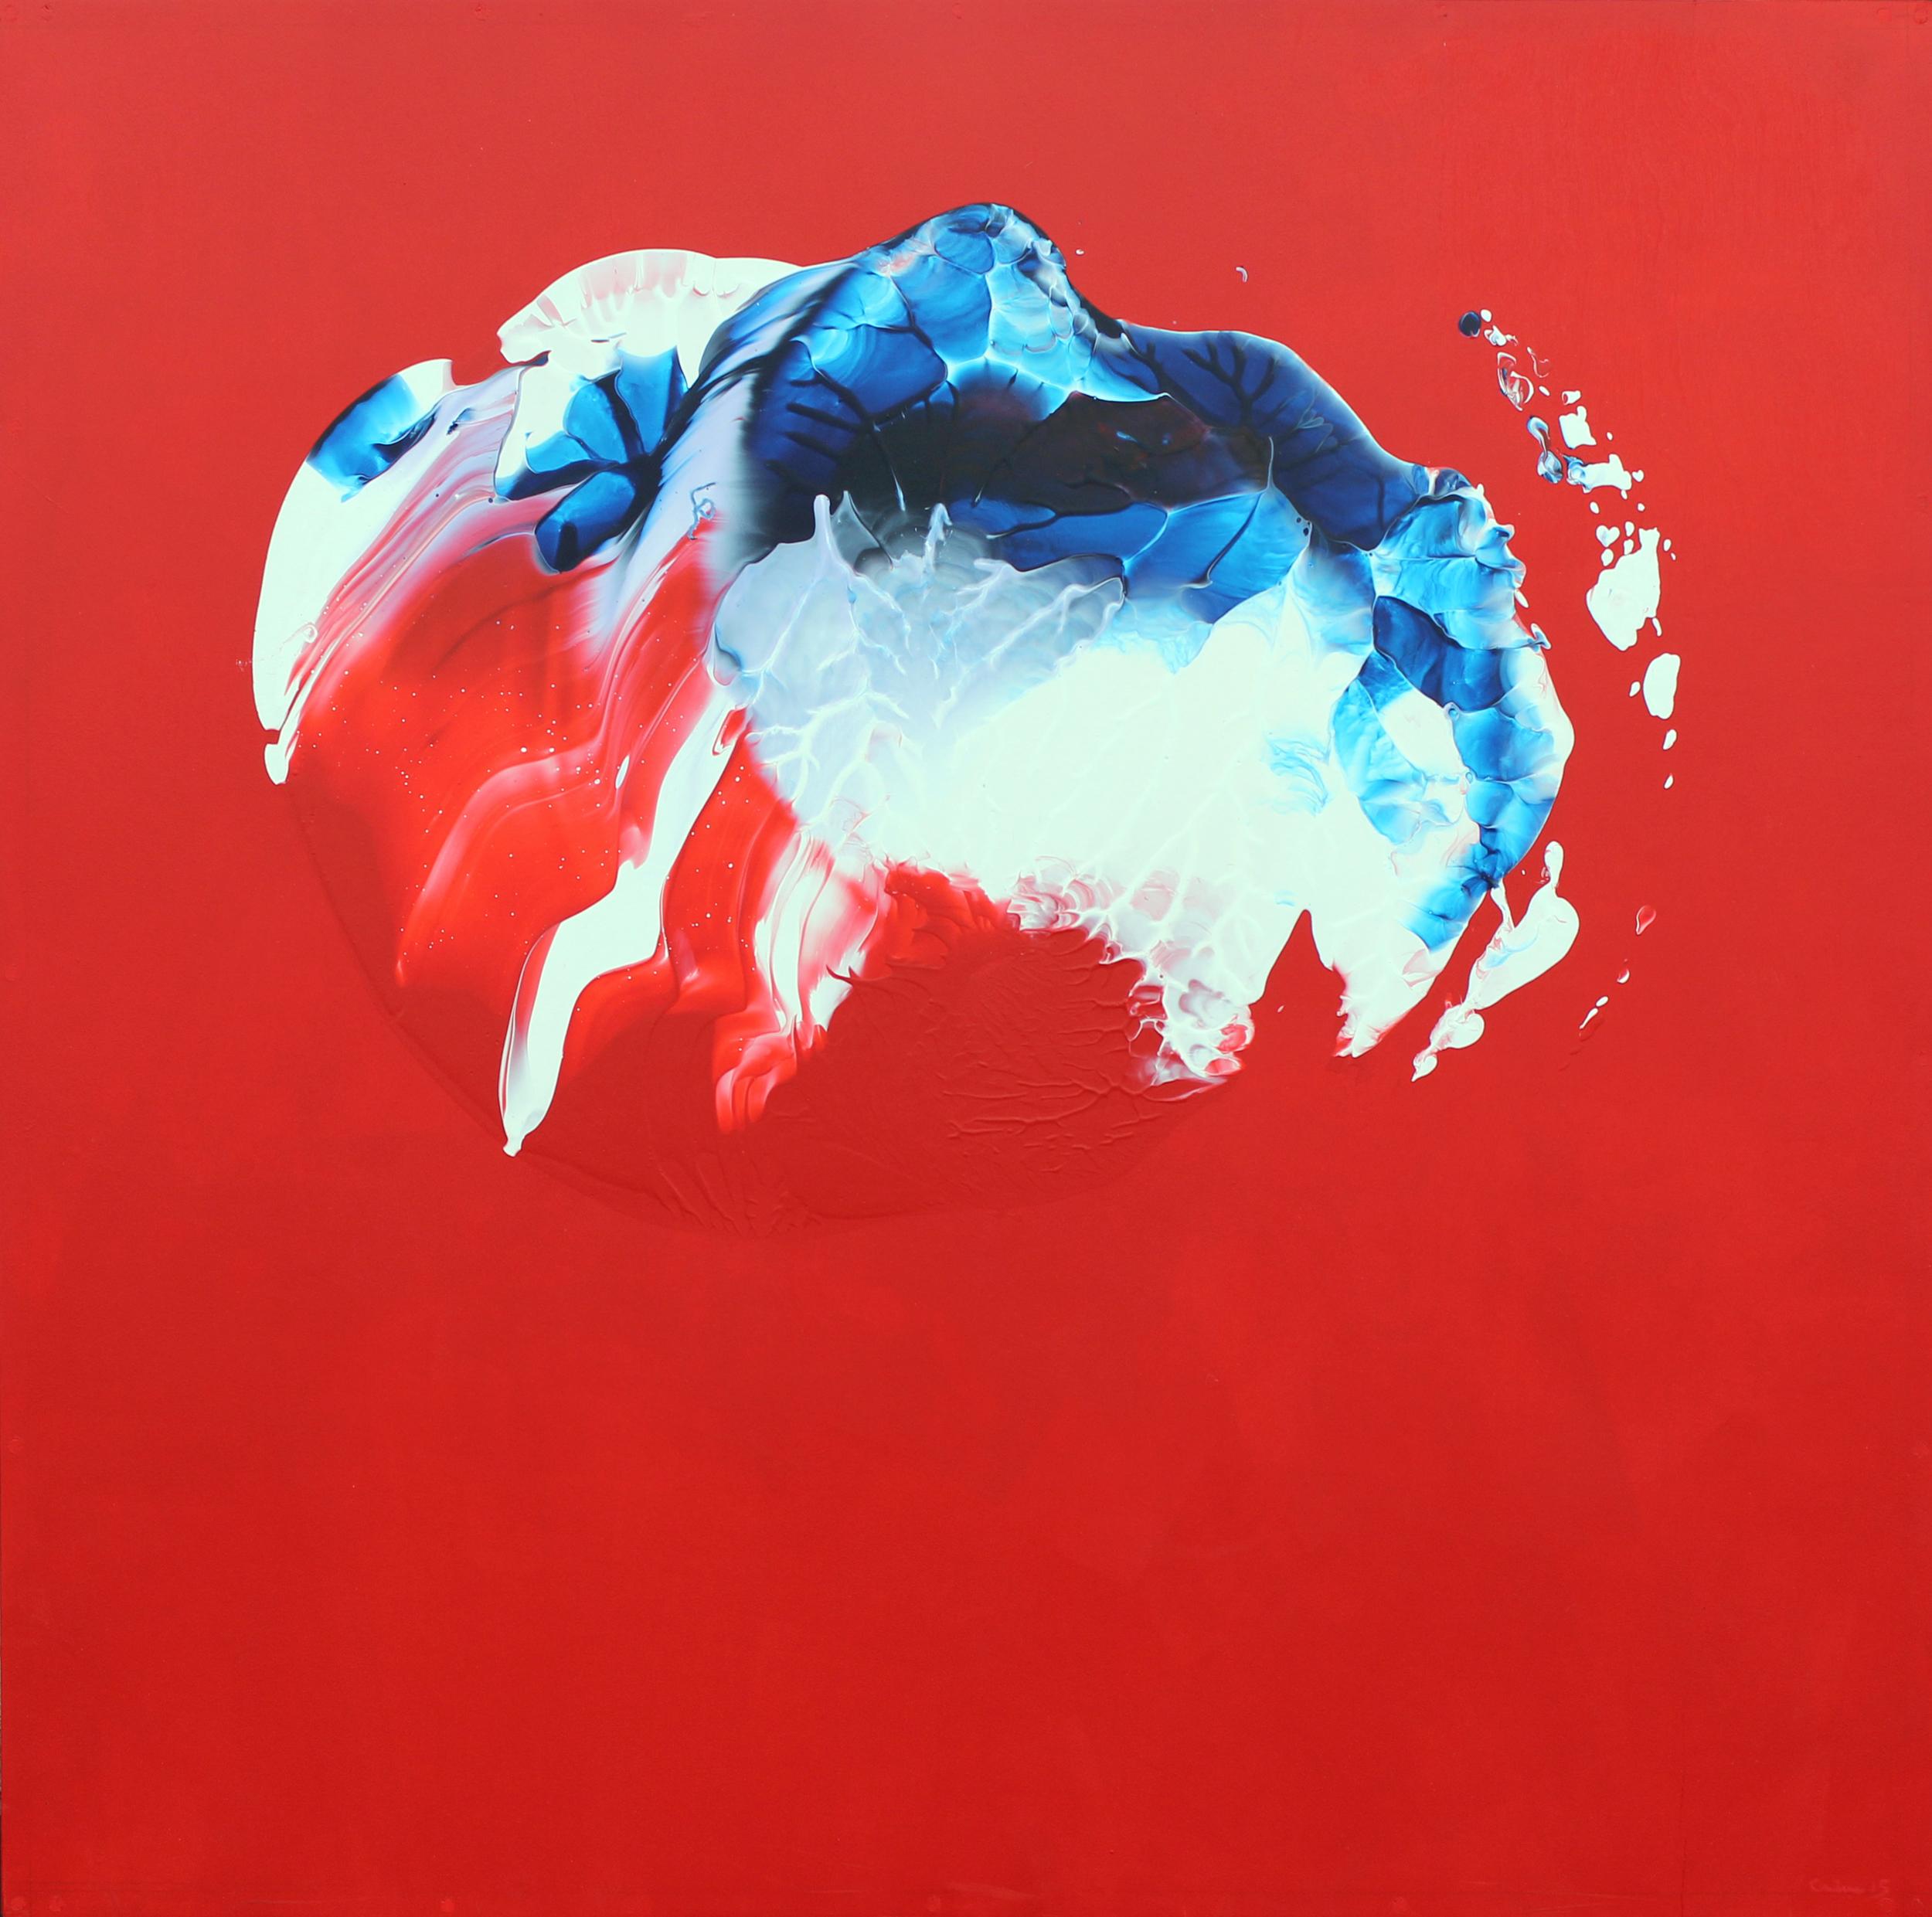 Limbic, Michael Grine